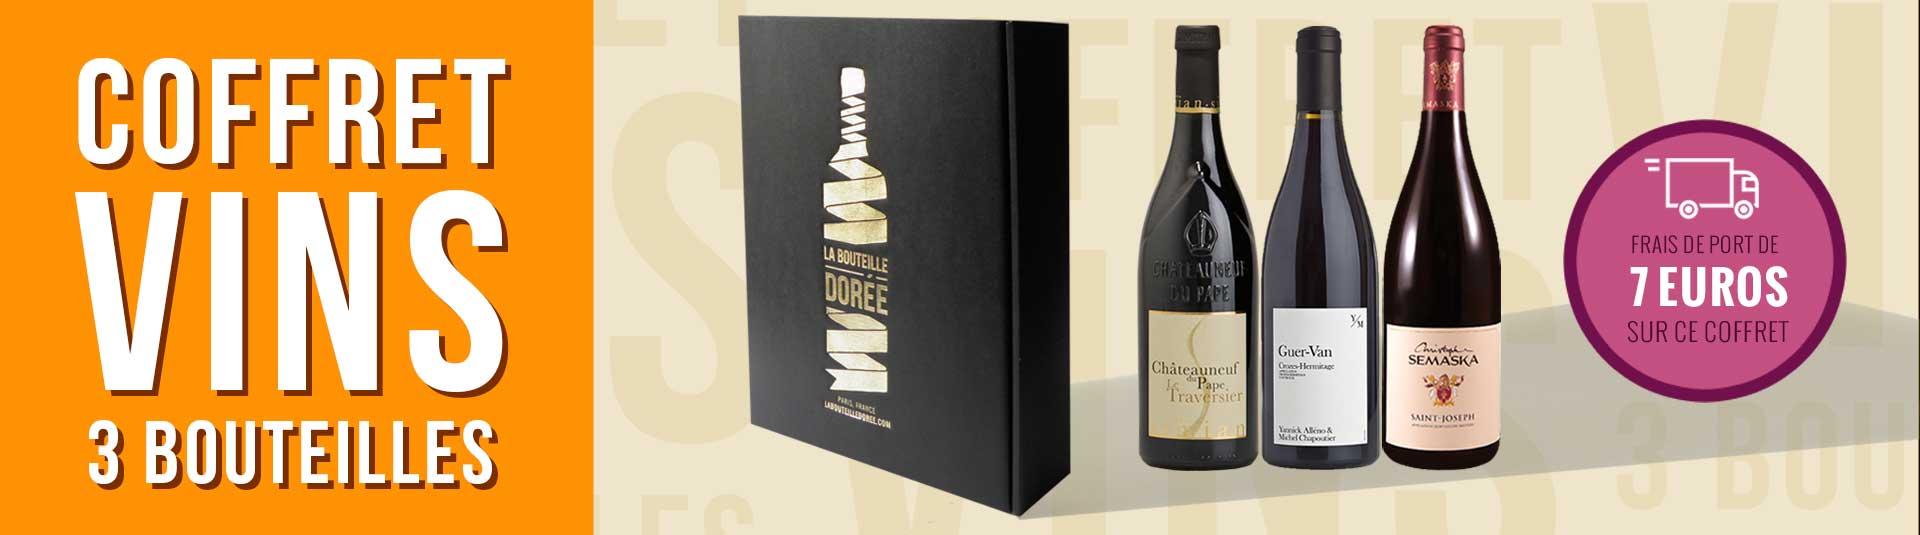 coffret vin rouge Rhône Découverte 3 bouteilles cépages Syrah et Grenache